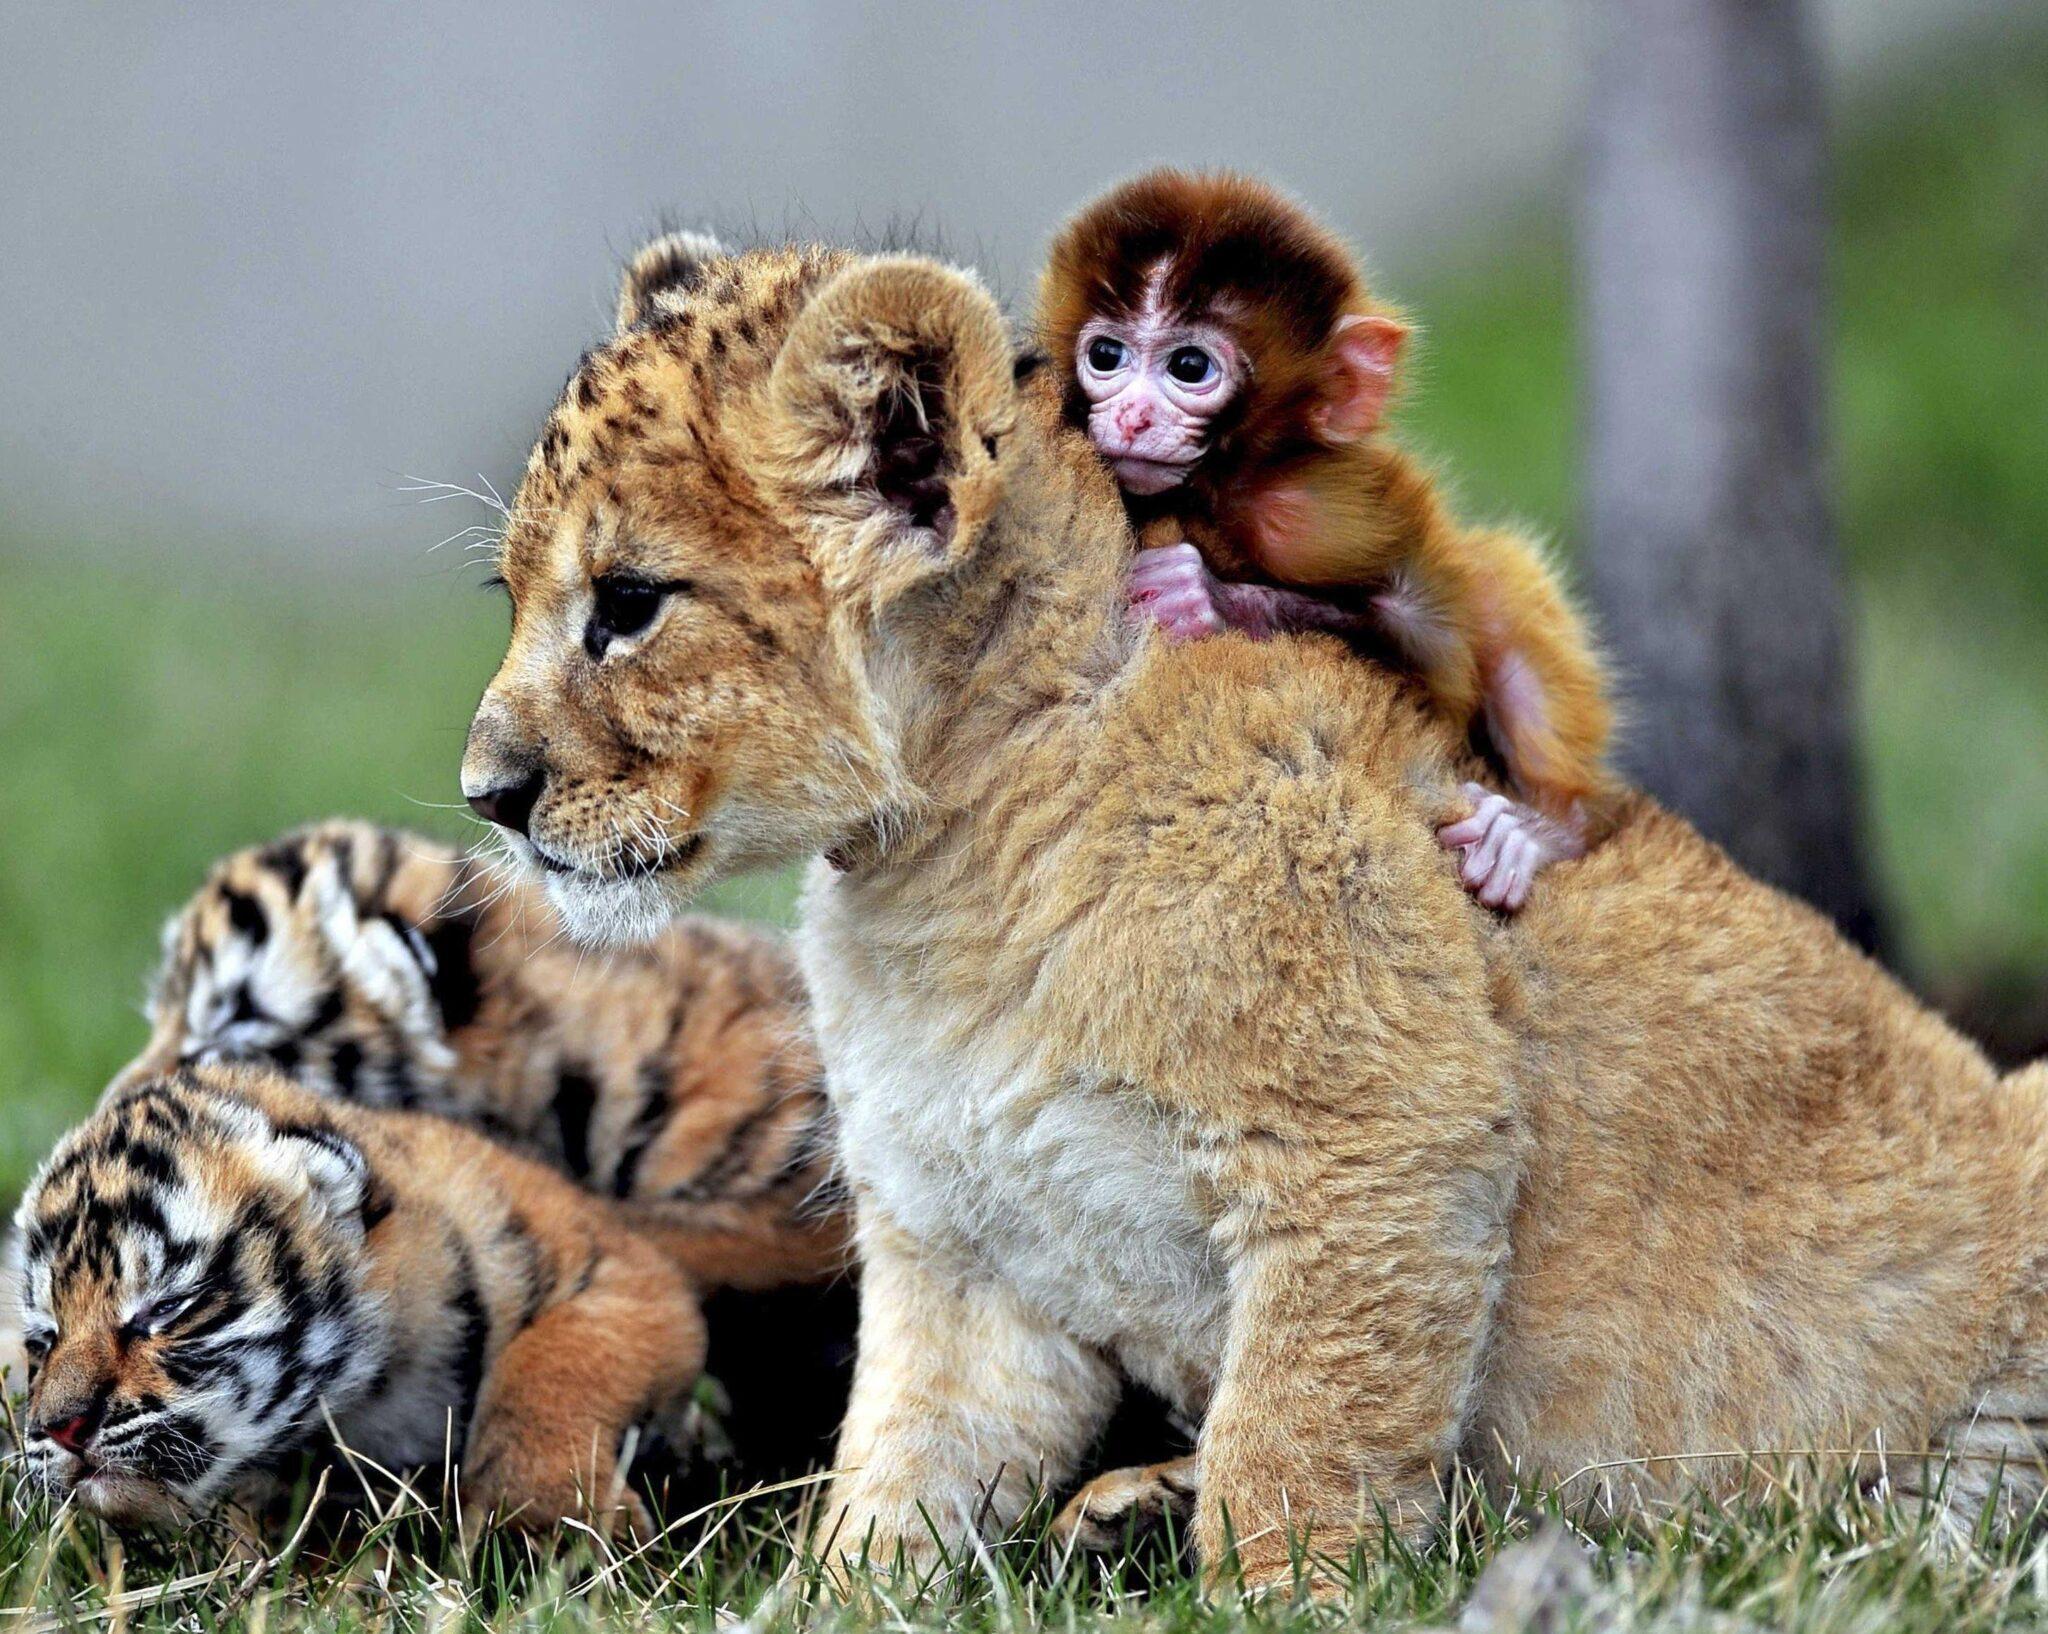 κοινωνική συμπεριφορά των ζώων